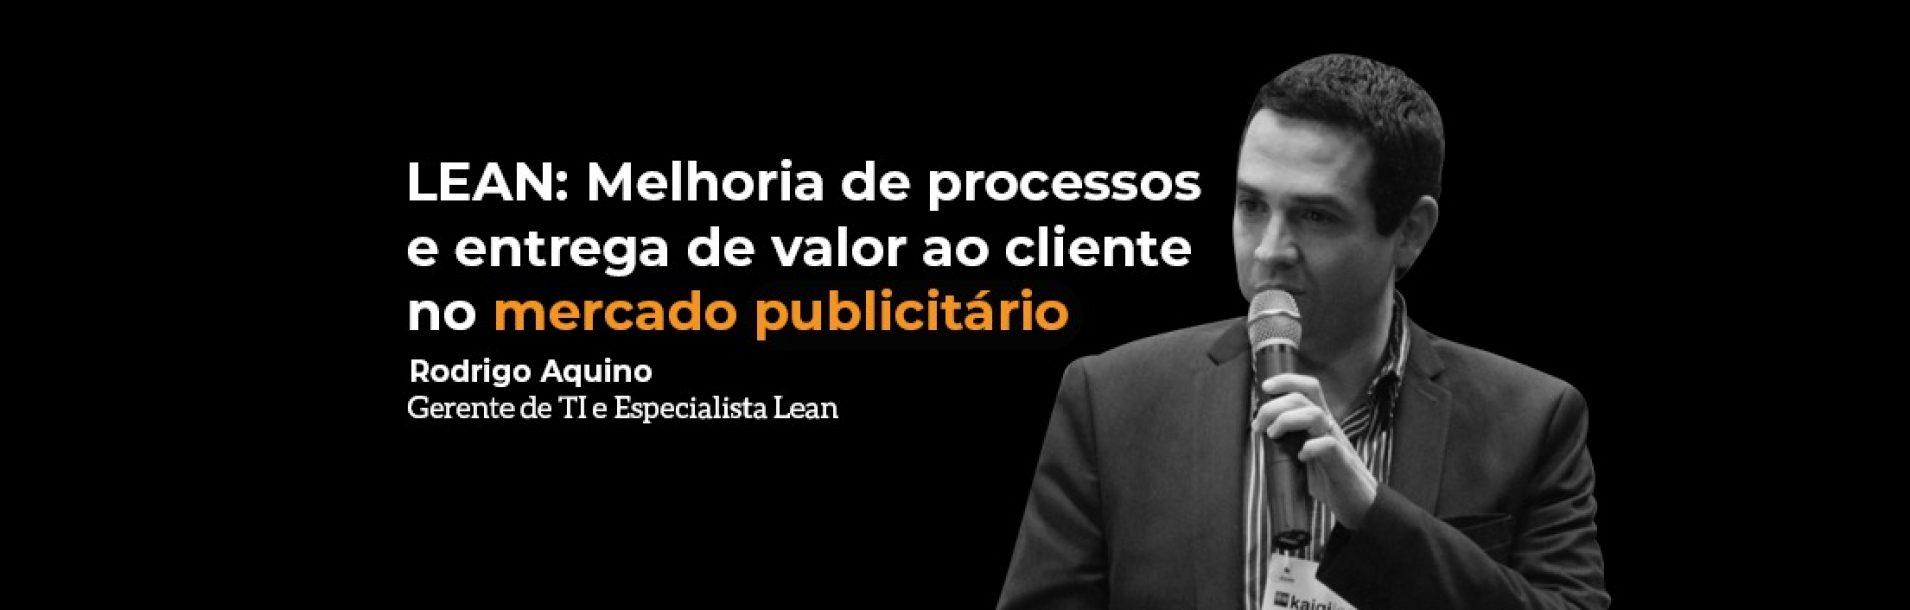 lean-melhoria-de-processos-e-entrega-de-valor-ao-cliente-no-mercado-publicitario